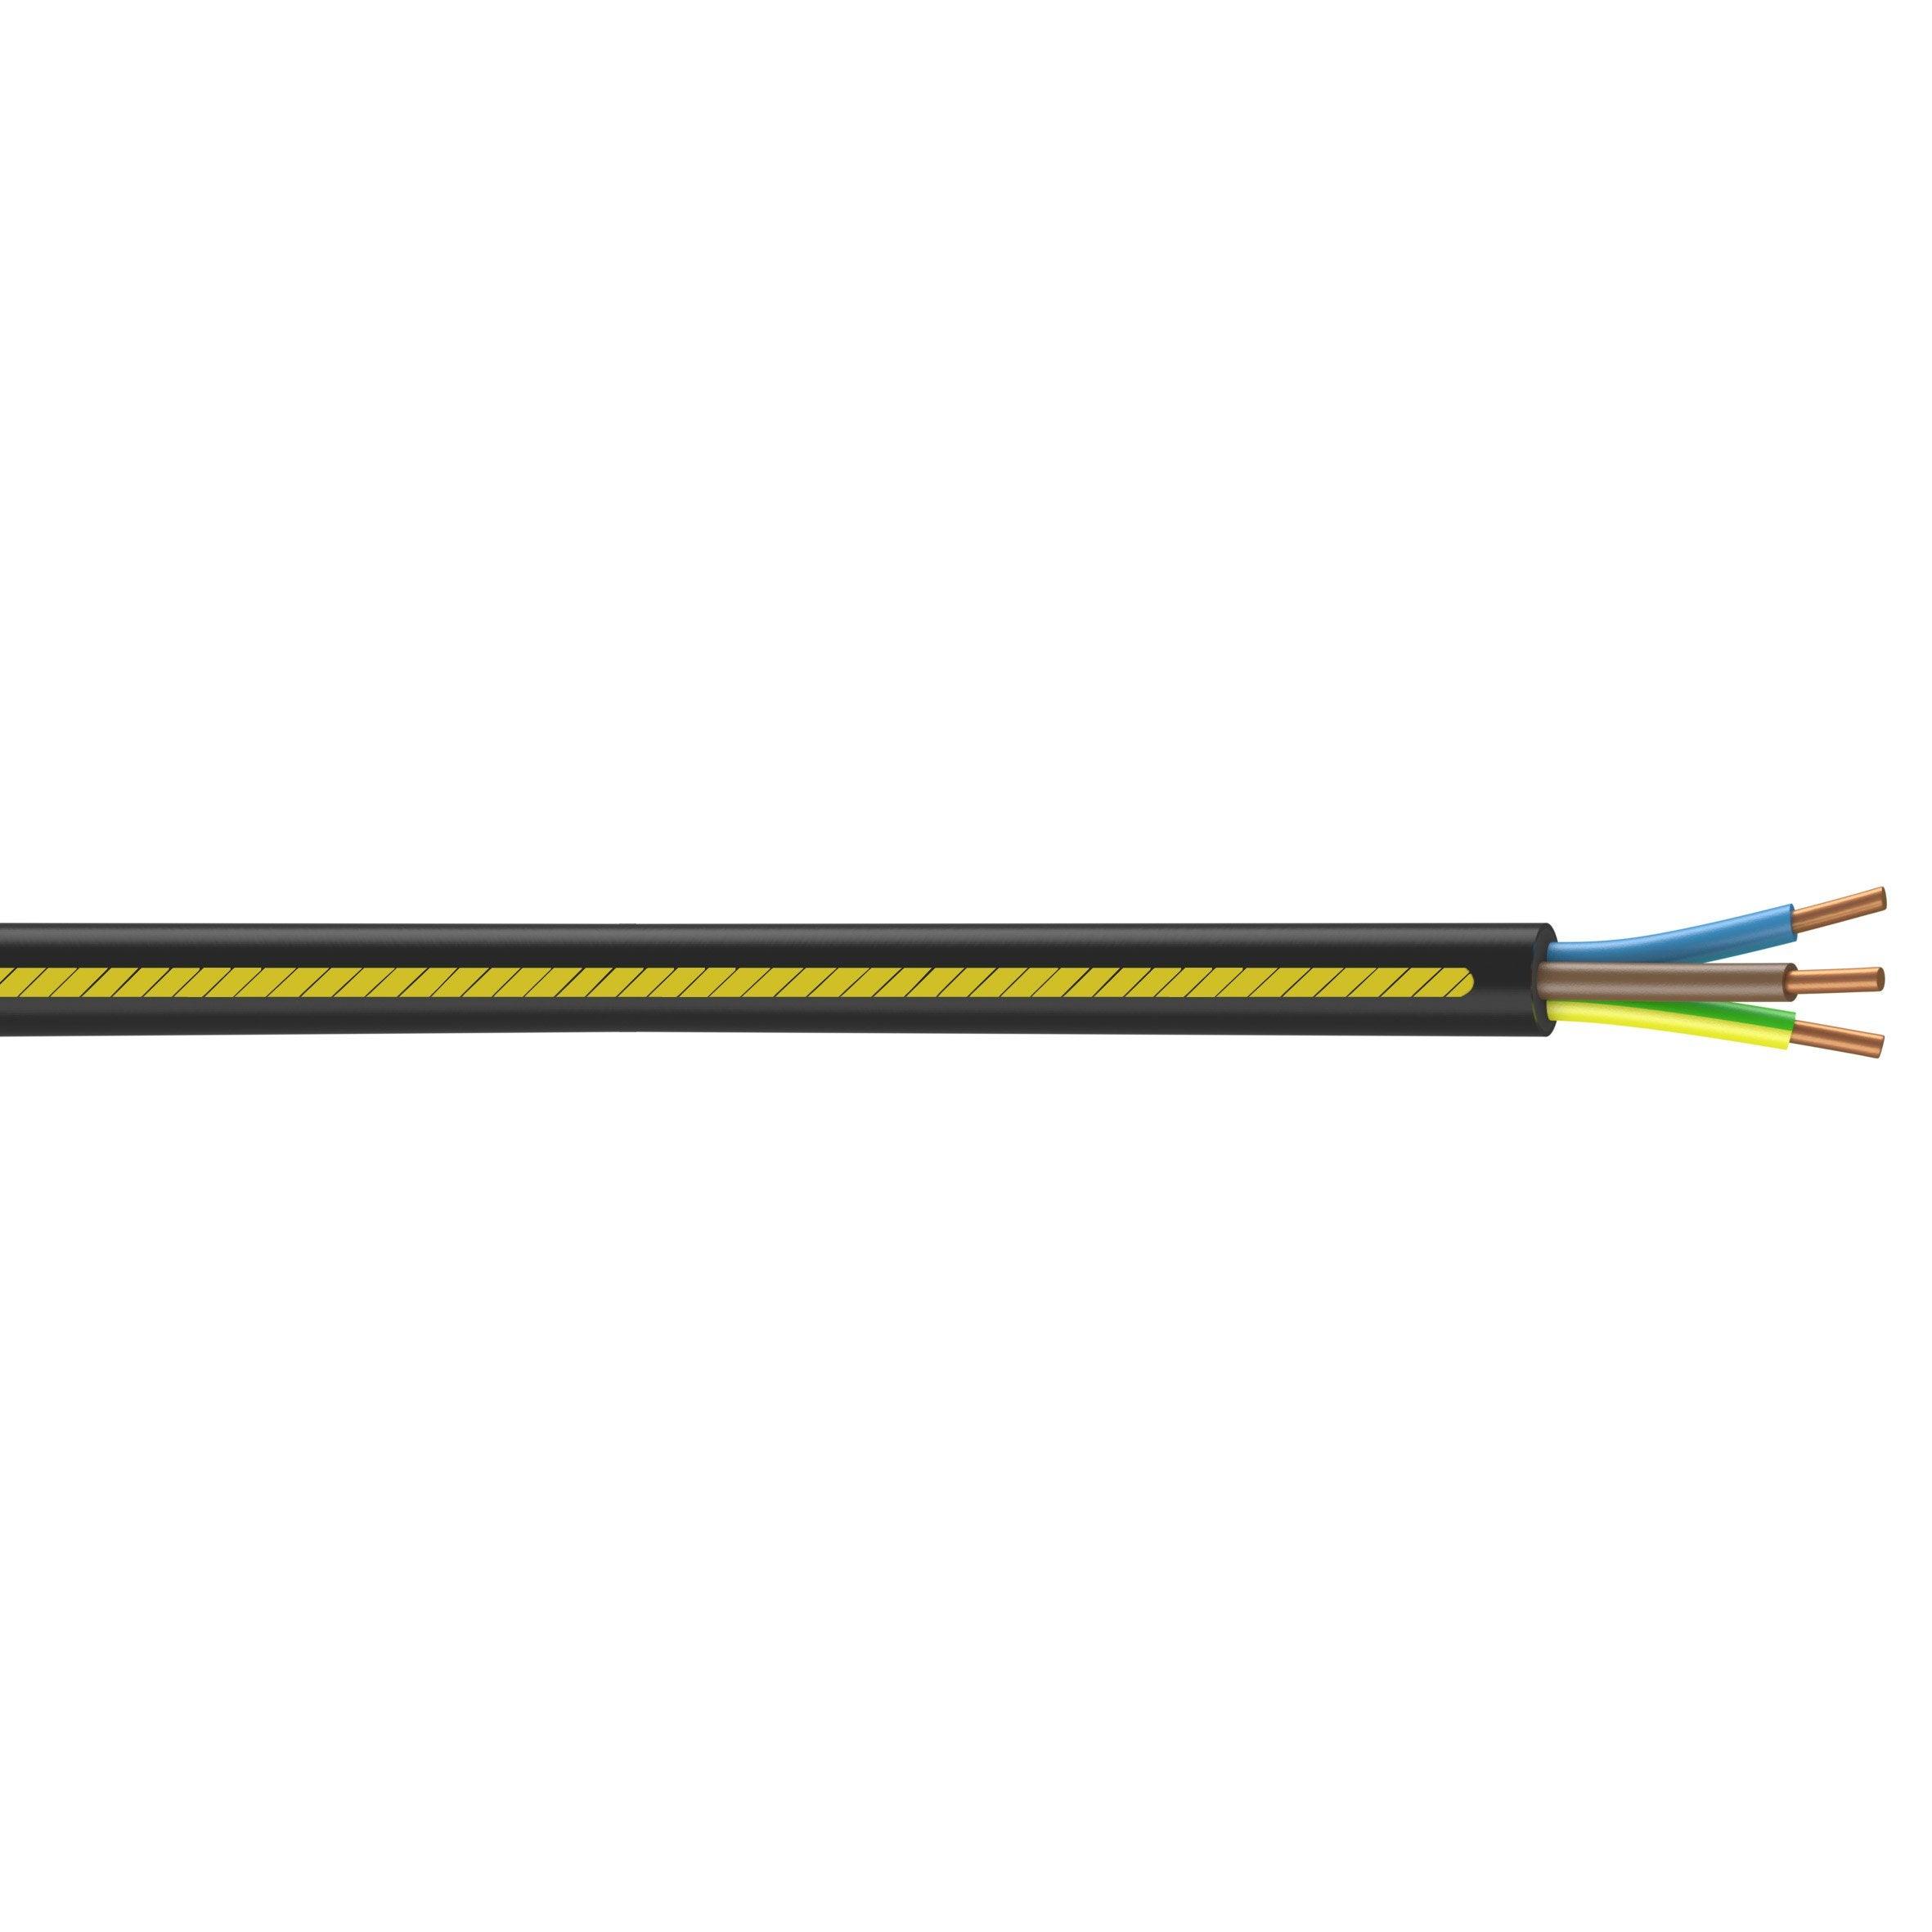 35 m /&n Livraison gratuite S/élection en 1 m/ètre C/âble de terre NYY-J 5 x 16 mm2 Exemple : 20 m 25 m au m/ètre en m/ètre : c/âble dalimentation /électrique en PVC noir mm2